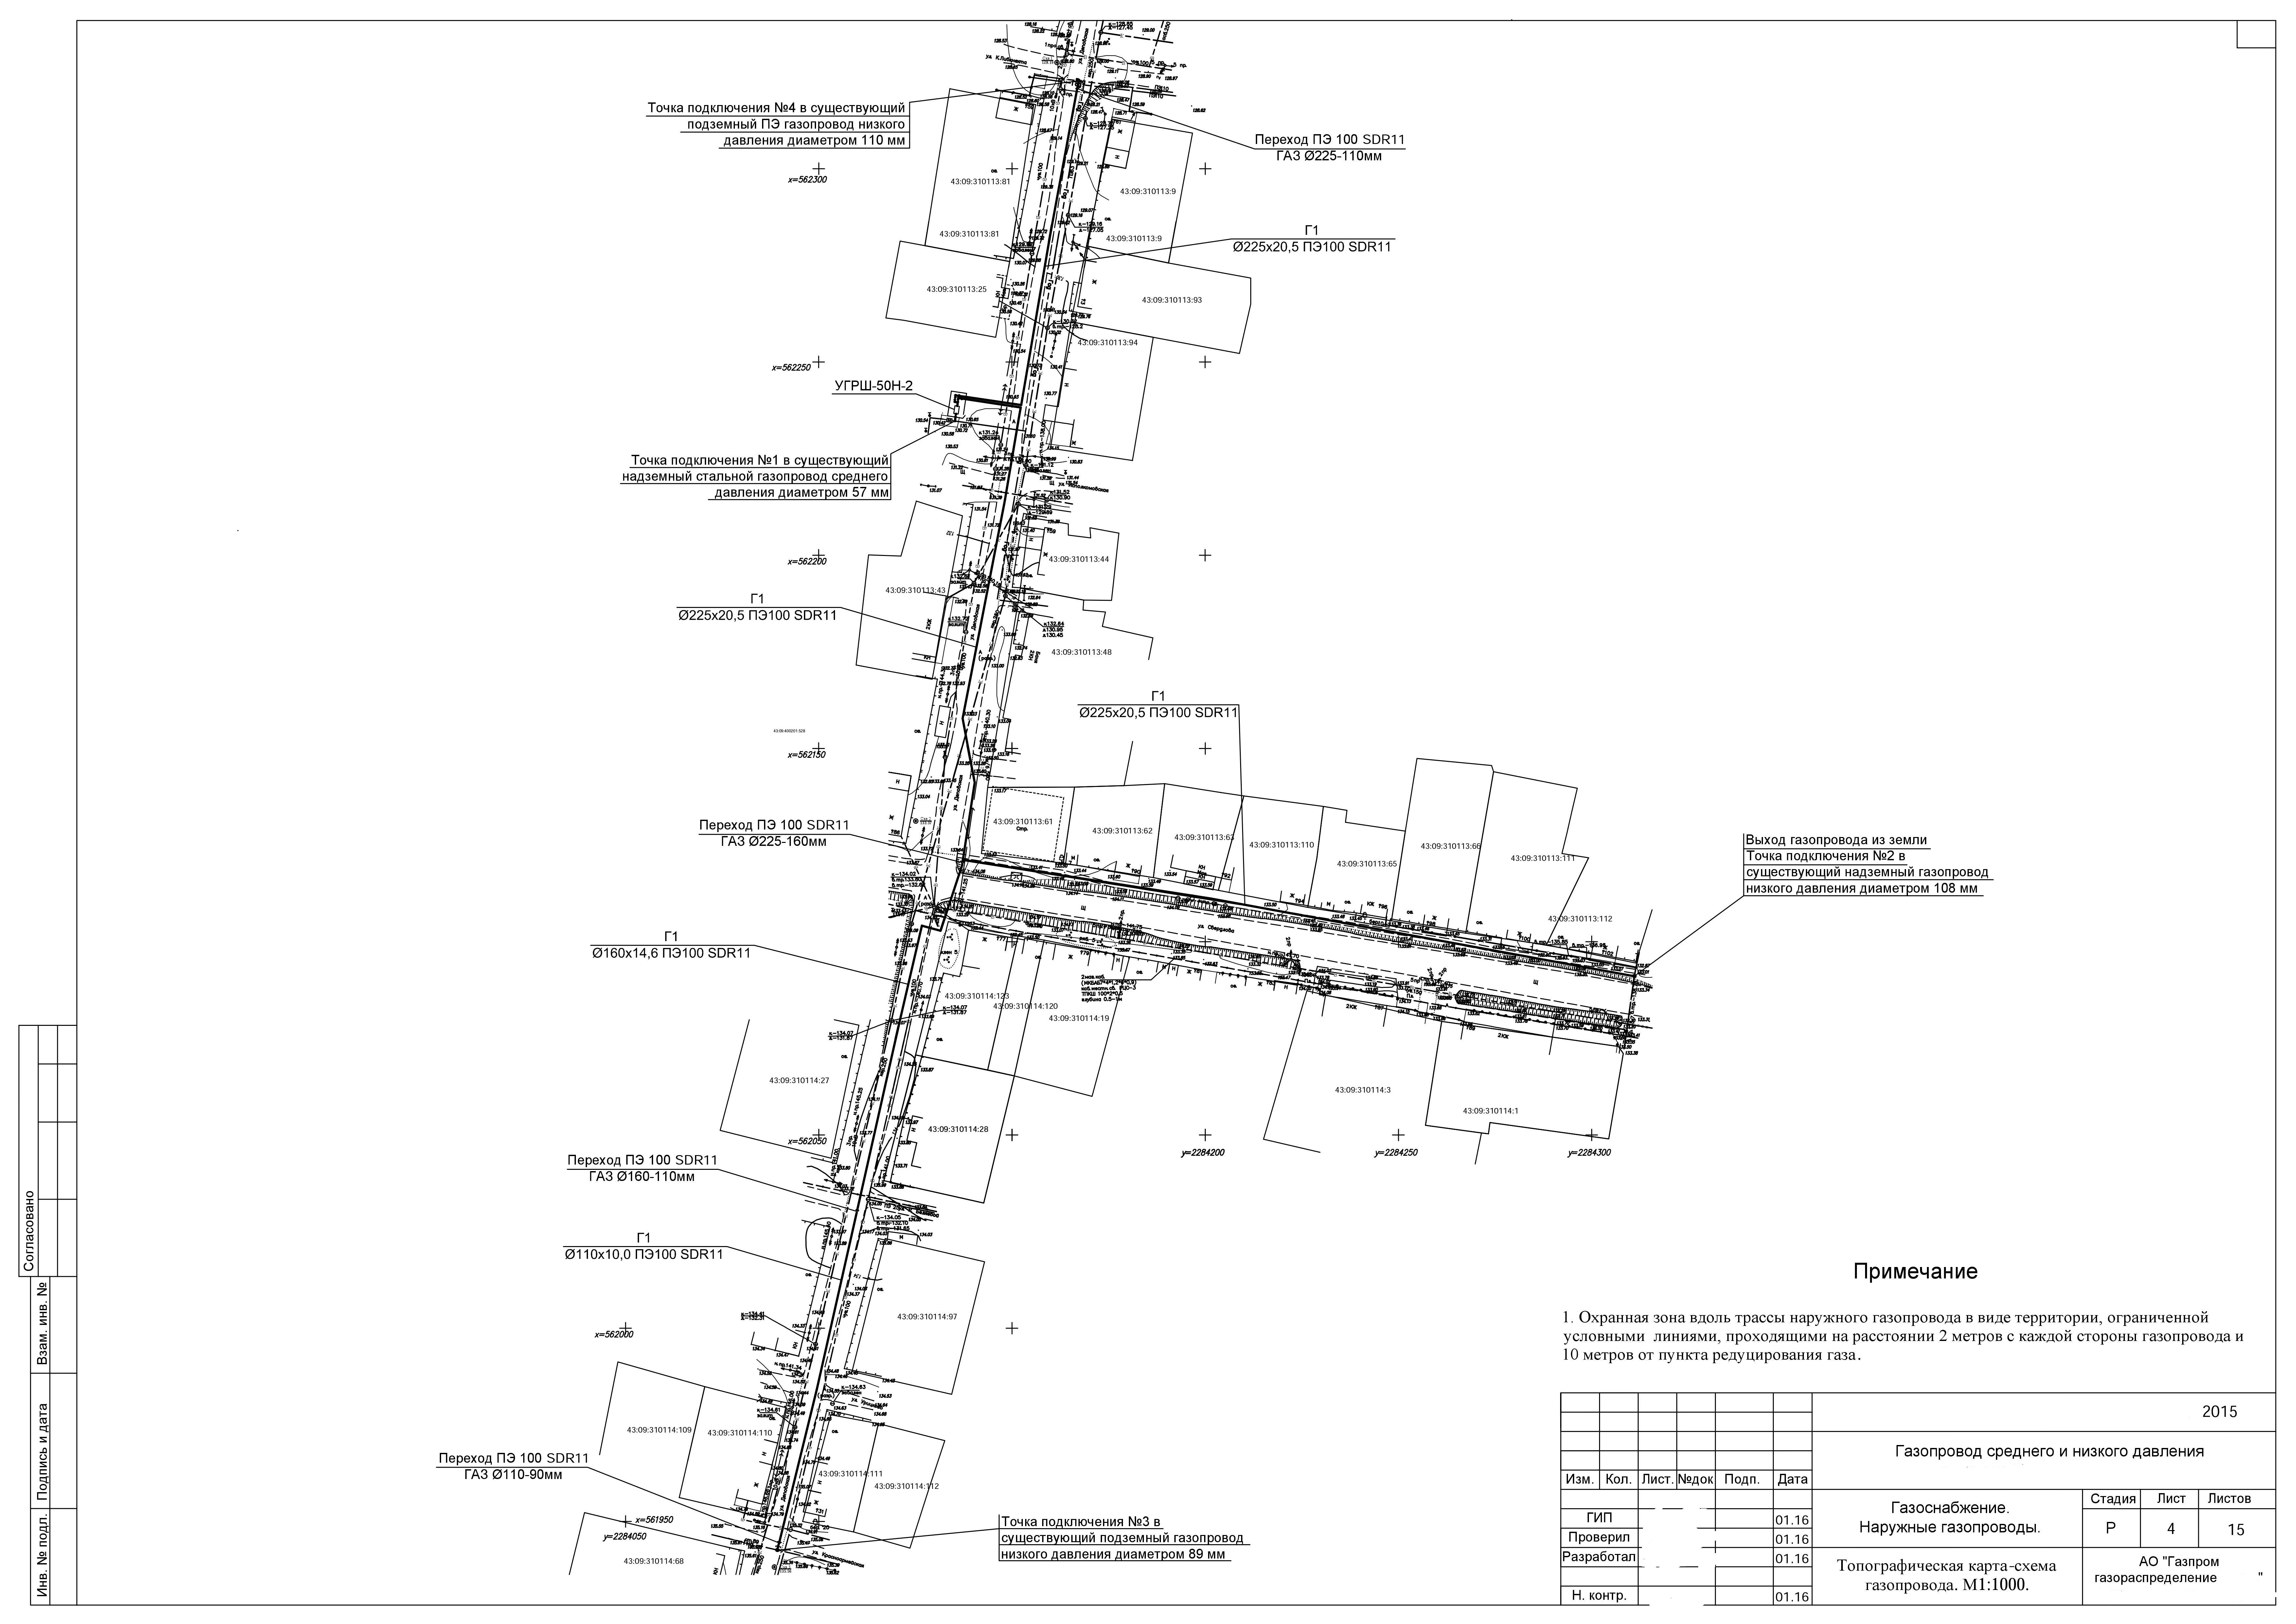 Линейная часть магистральных газопроводов